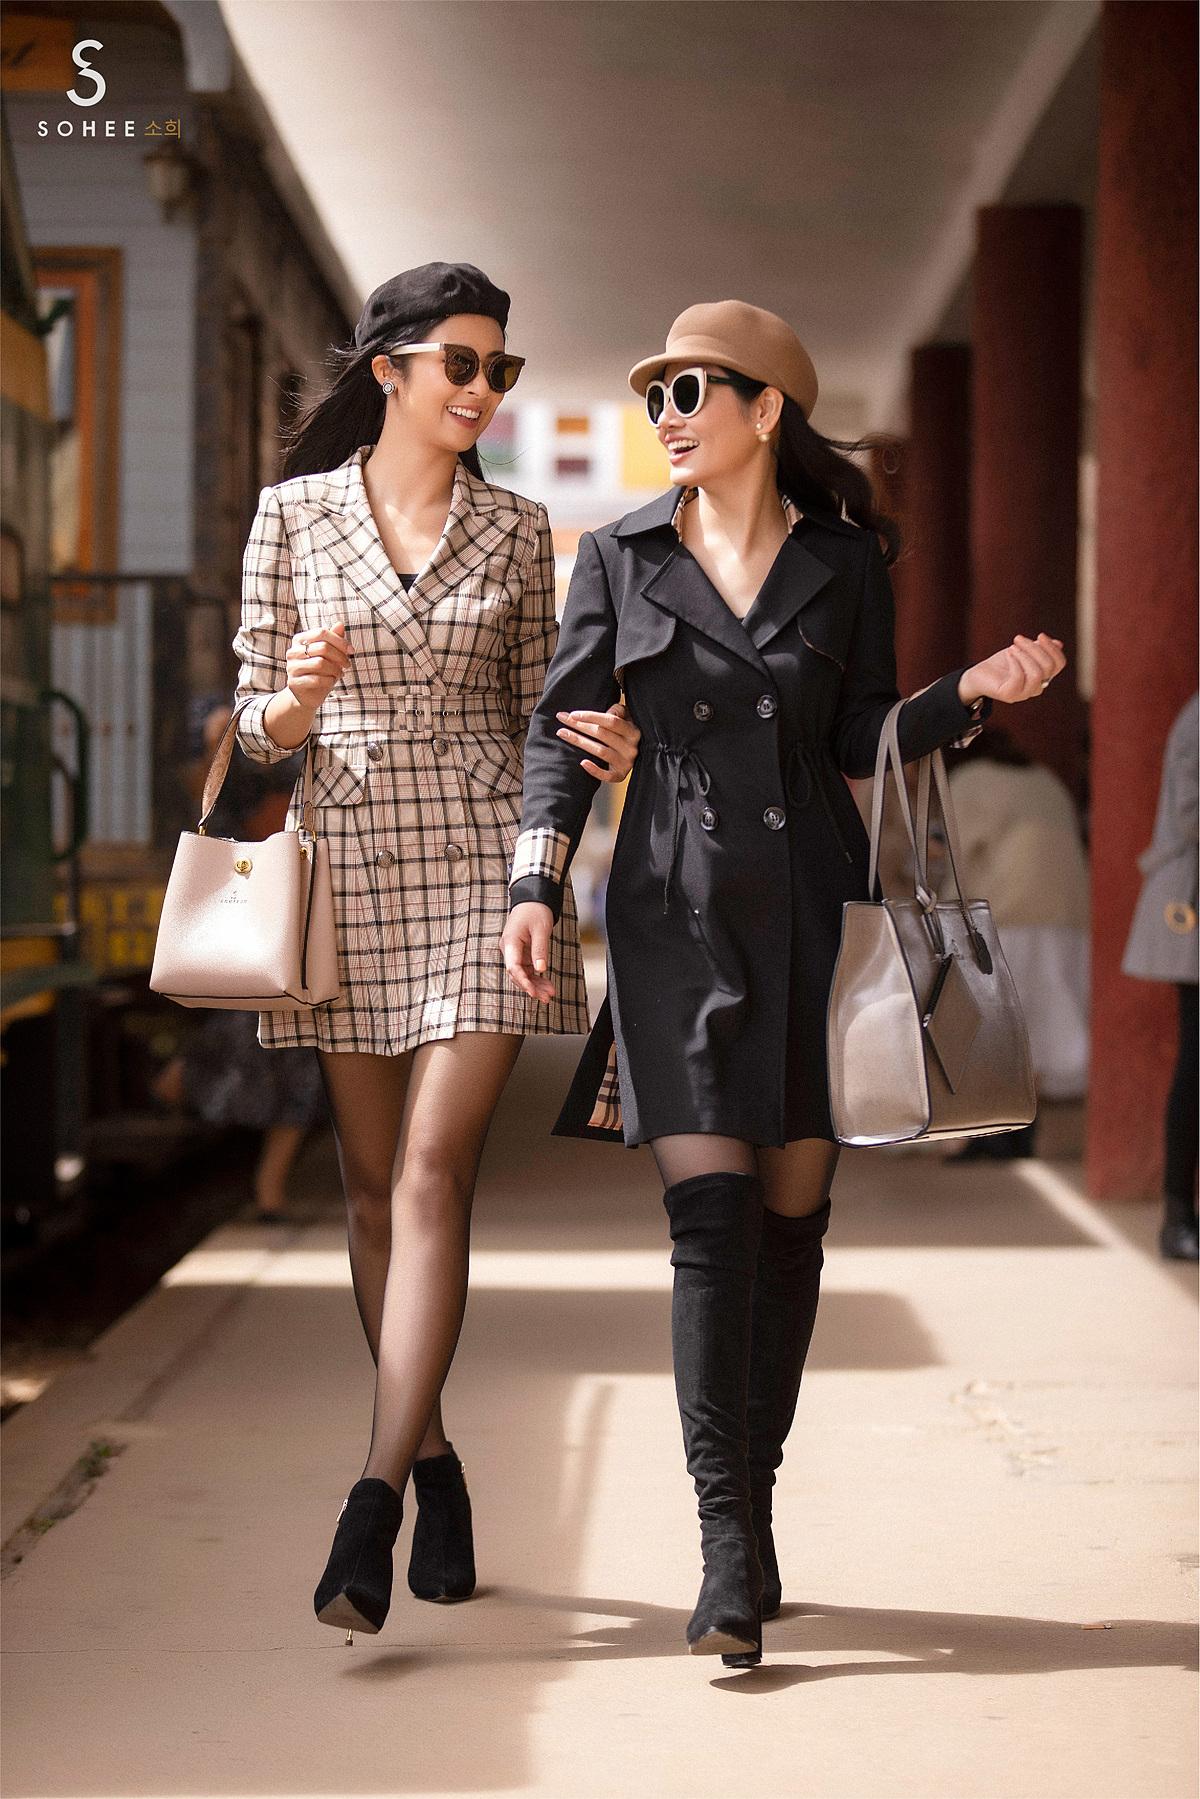 Sohee chắt lọc kiểu dáng của măng tô để đưa vào thiết kế váy, áo siết eo. Với những mẫu váy này, Ngọc Hân lựa chọn sự phóng khoáng với váy kẻ, còn doanh nhân Hà Bùi theo phong cách sang trọng với gam màu đen.